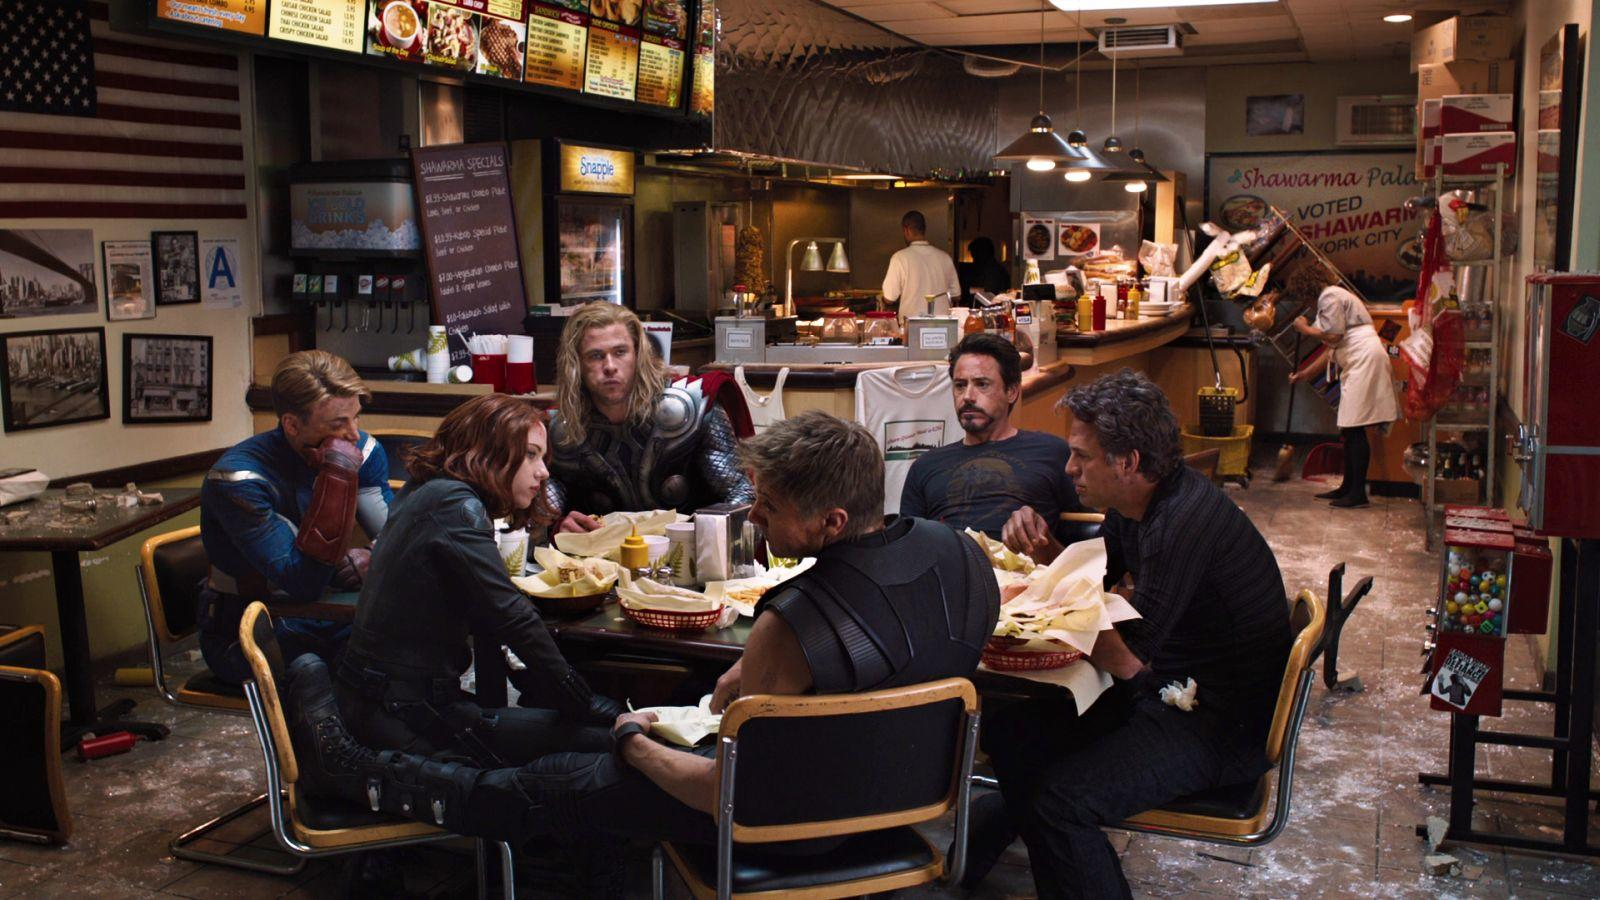 """Soha nem maradnak annyian a 2-3 óra alatt popcornal teleszórt székükben, mint a Marvel filmek végén. Mára tradícióvá vált, hogy a film """"hivatalos"""" végét még követi valami ráadás, legyen az kikacsintós poén vagy a történetbe szervesen illeszkedő csavar. A bónusz szórakoztatáson túl így a filmek végén felsorolt készítők is kapnak egy kis extra figyelmet, amiért külön jár a Végtelen Kövekkel kirakott pirospont. (Disney / Marvel)"""